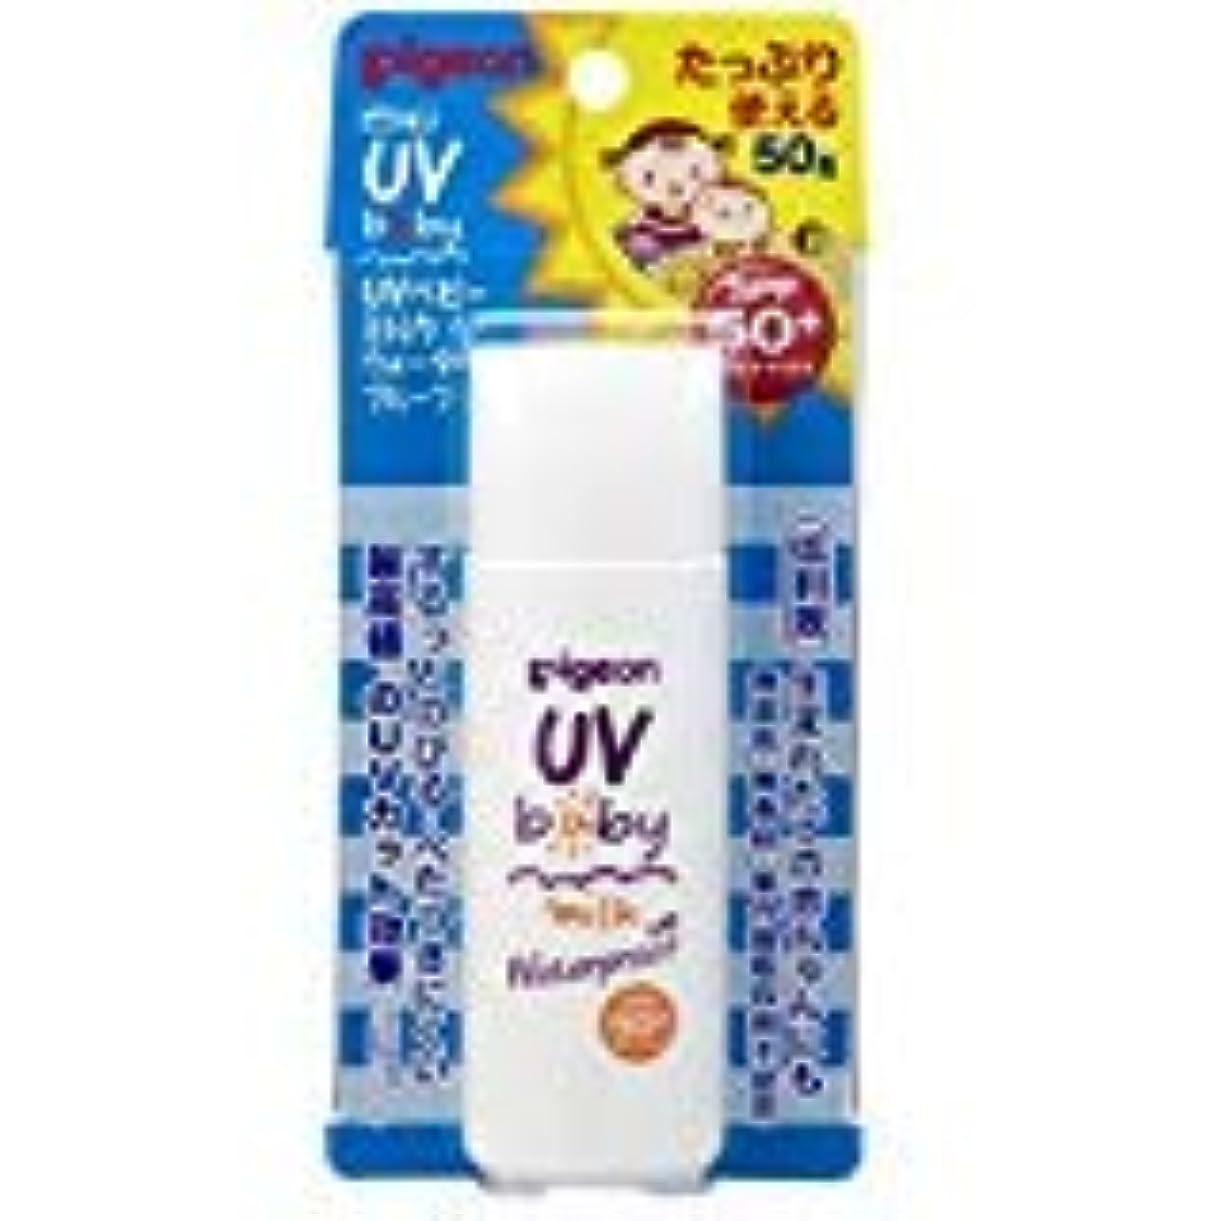 モナリザ裁判官許可するピジョン UVベビーミルク ウォータープルーフ SPF50+ 50g